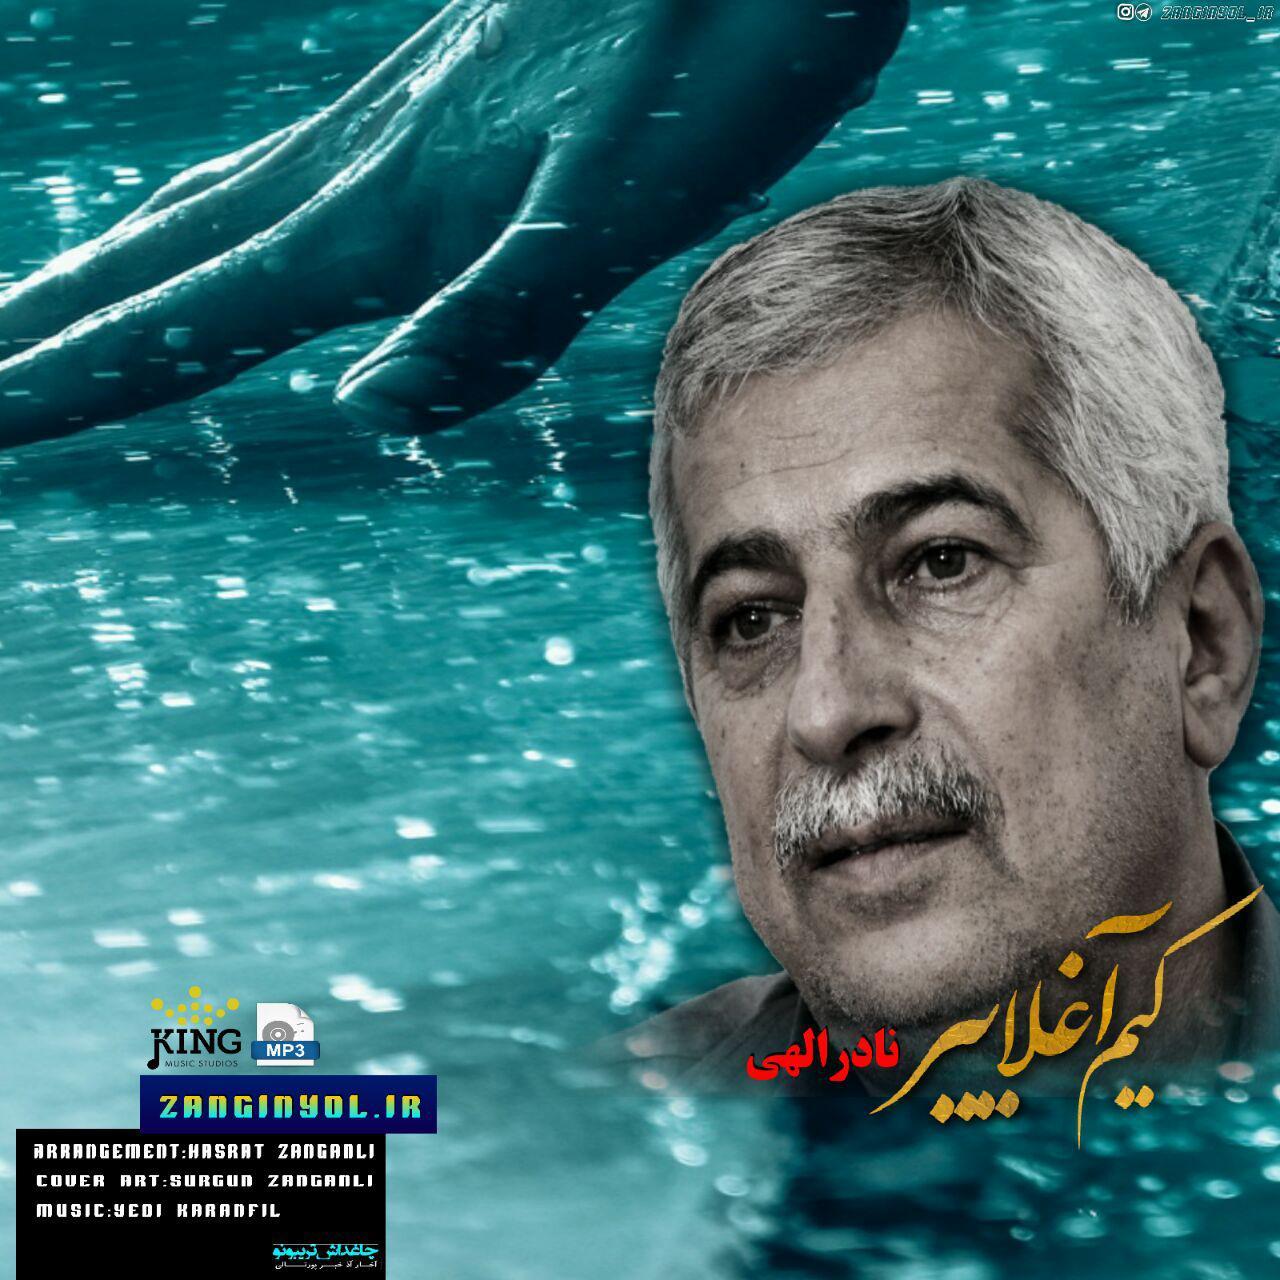 http://s8.picofile.com/file/8334782768/18Nader_Elahi_Kim_Aghlayir.jpg